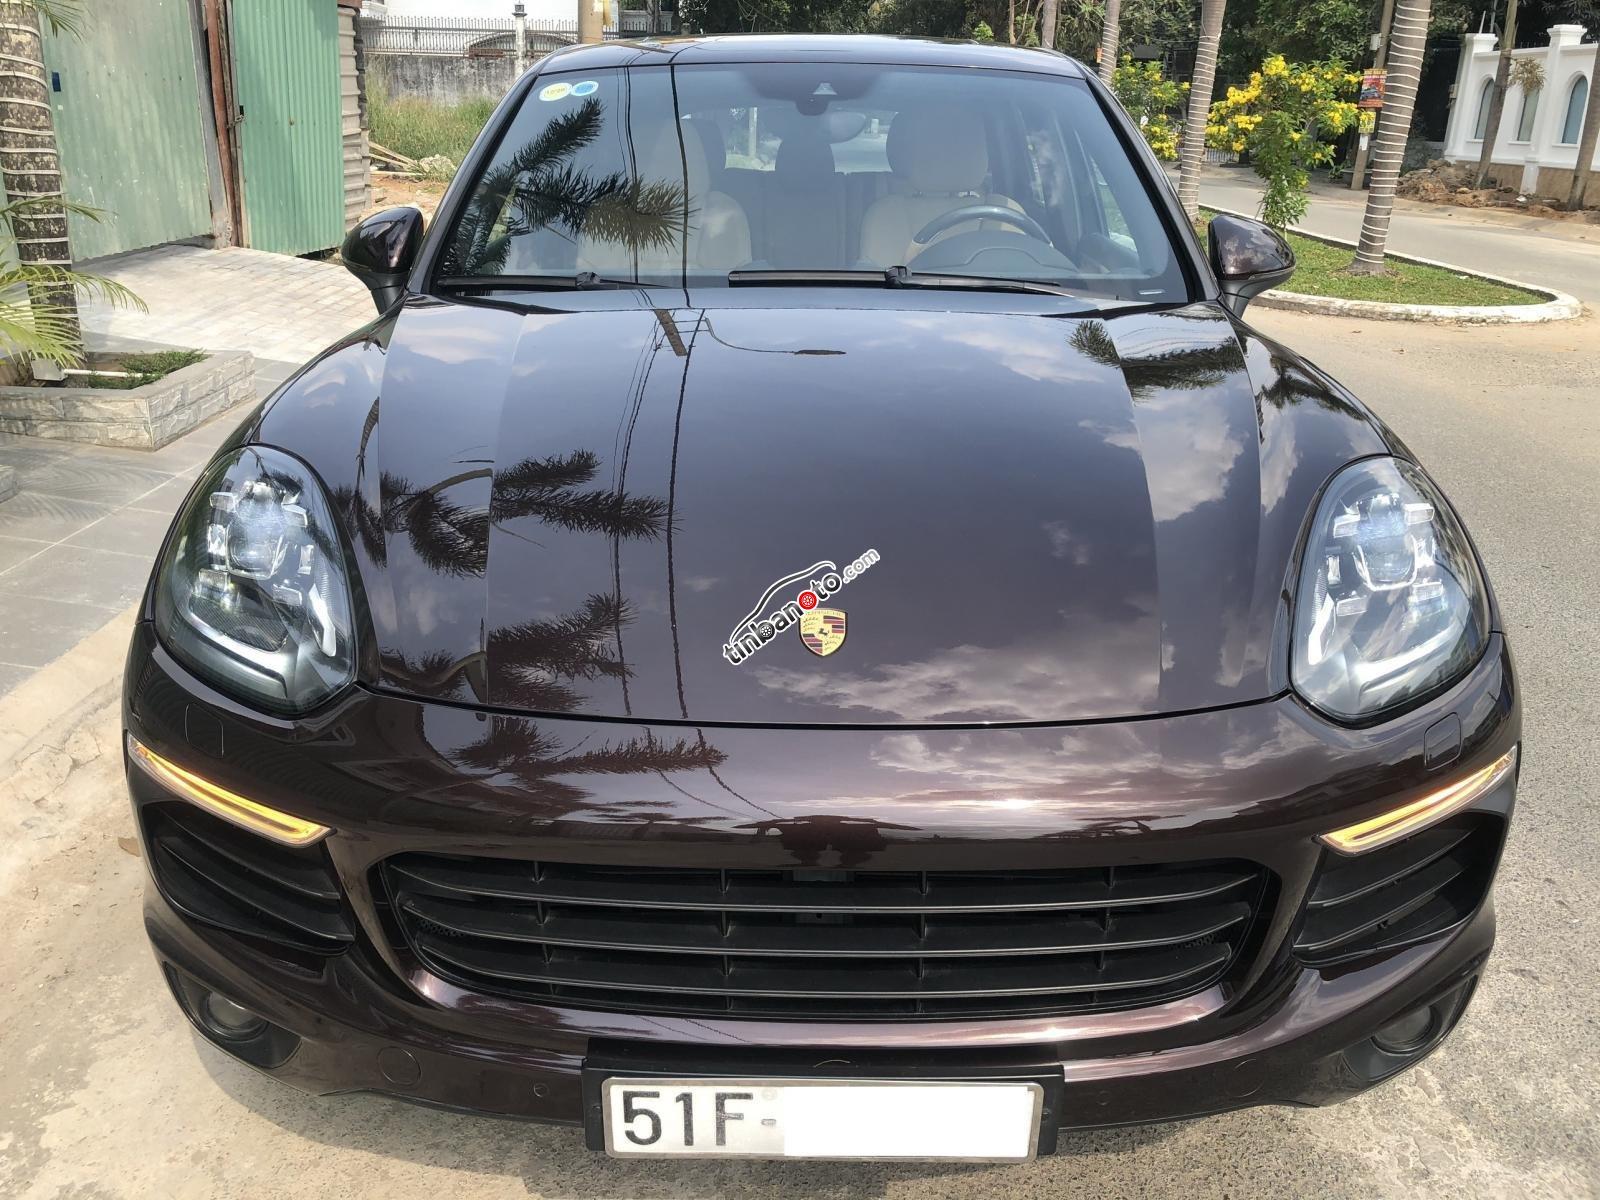 ban oto Nhap khau Porsche Cayenne  3.6 V6  2015